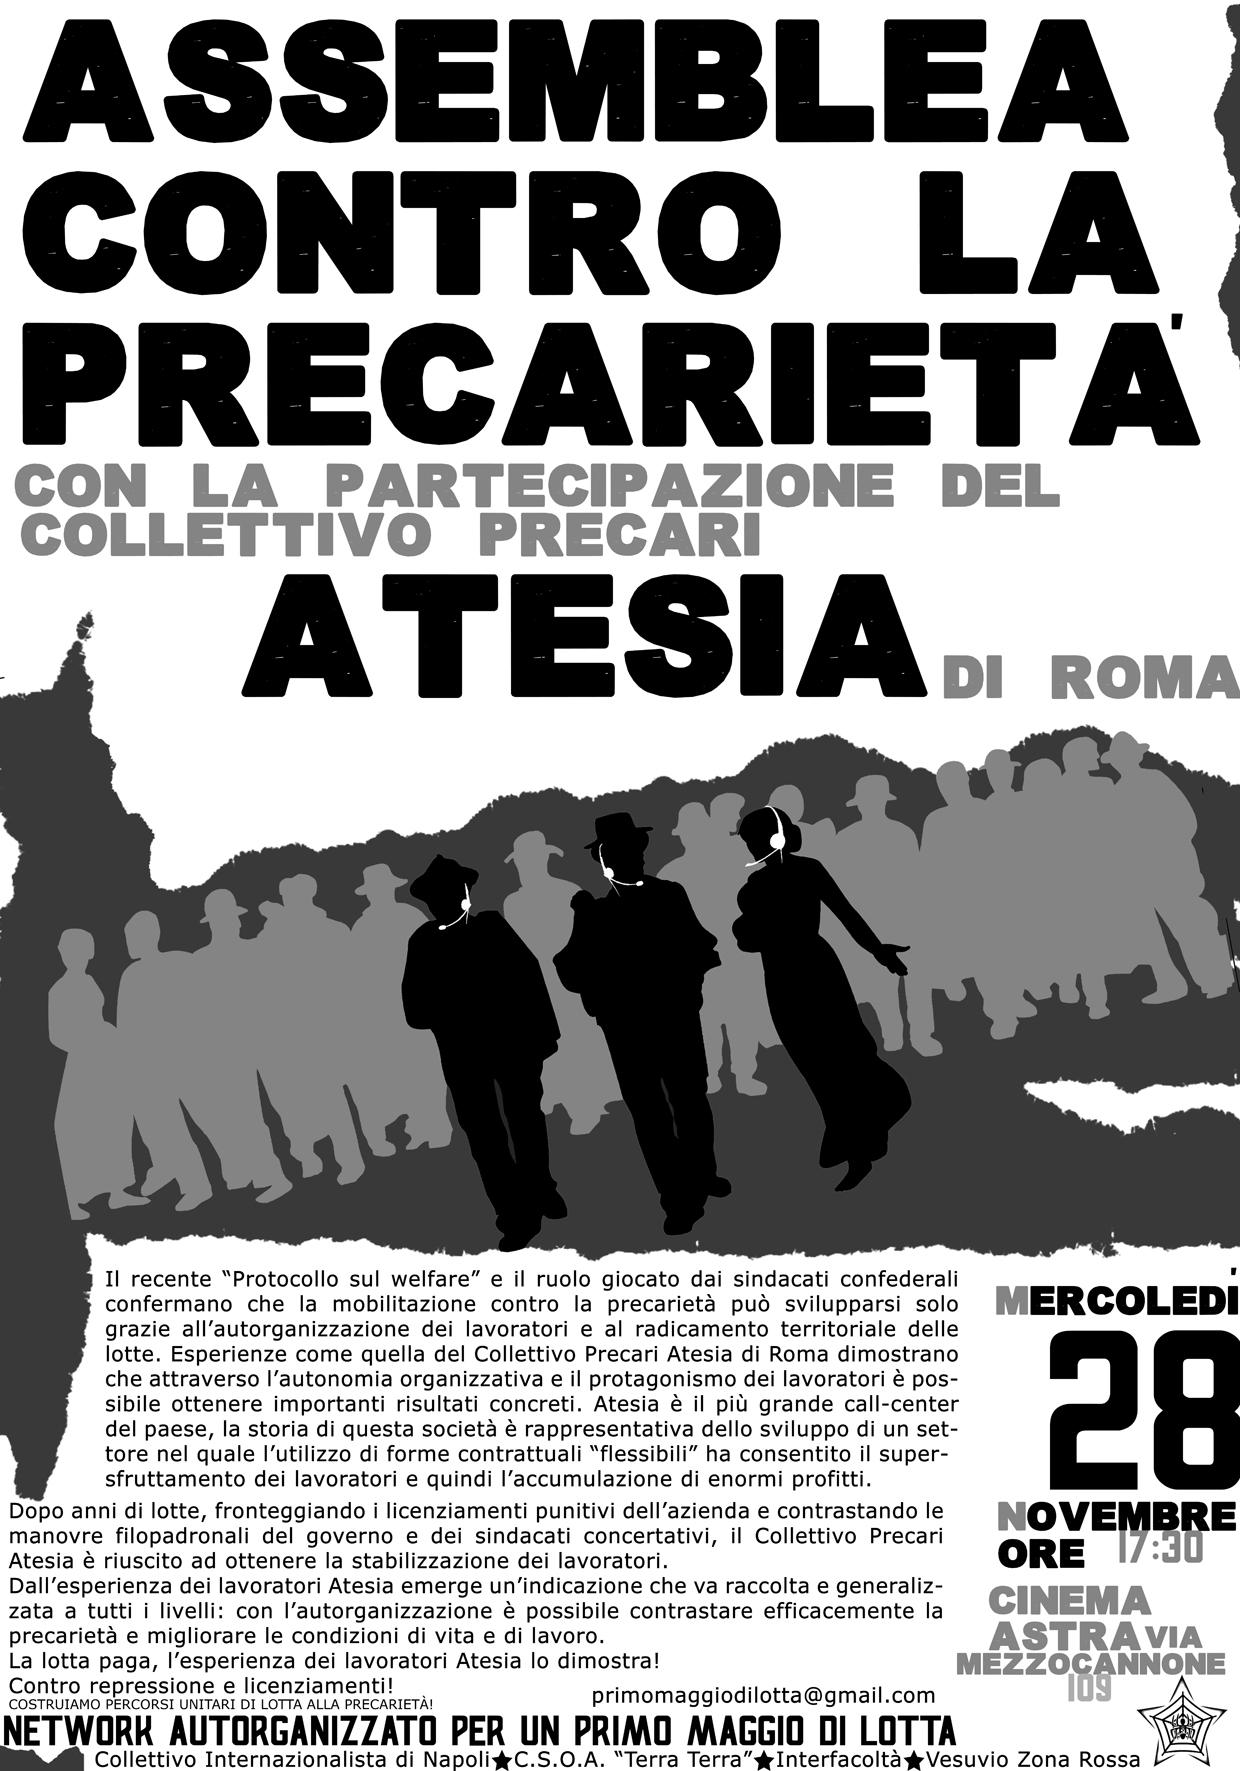 Manifesto Assemblea con PrecariAtesia